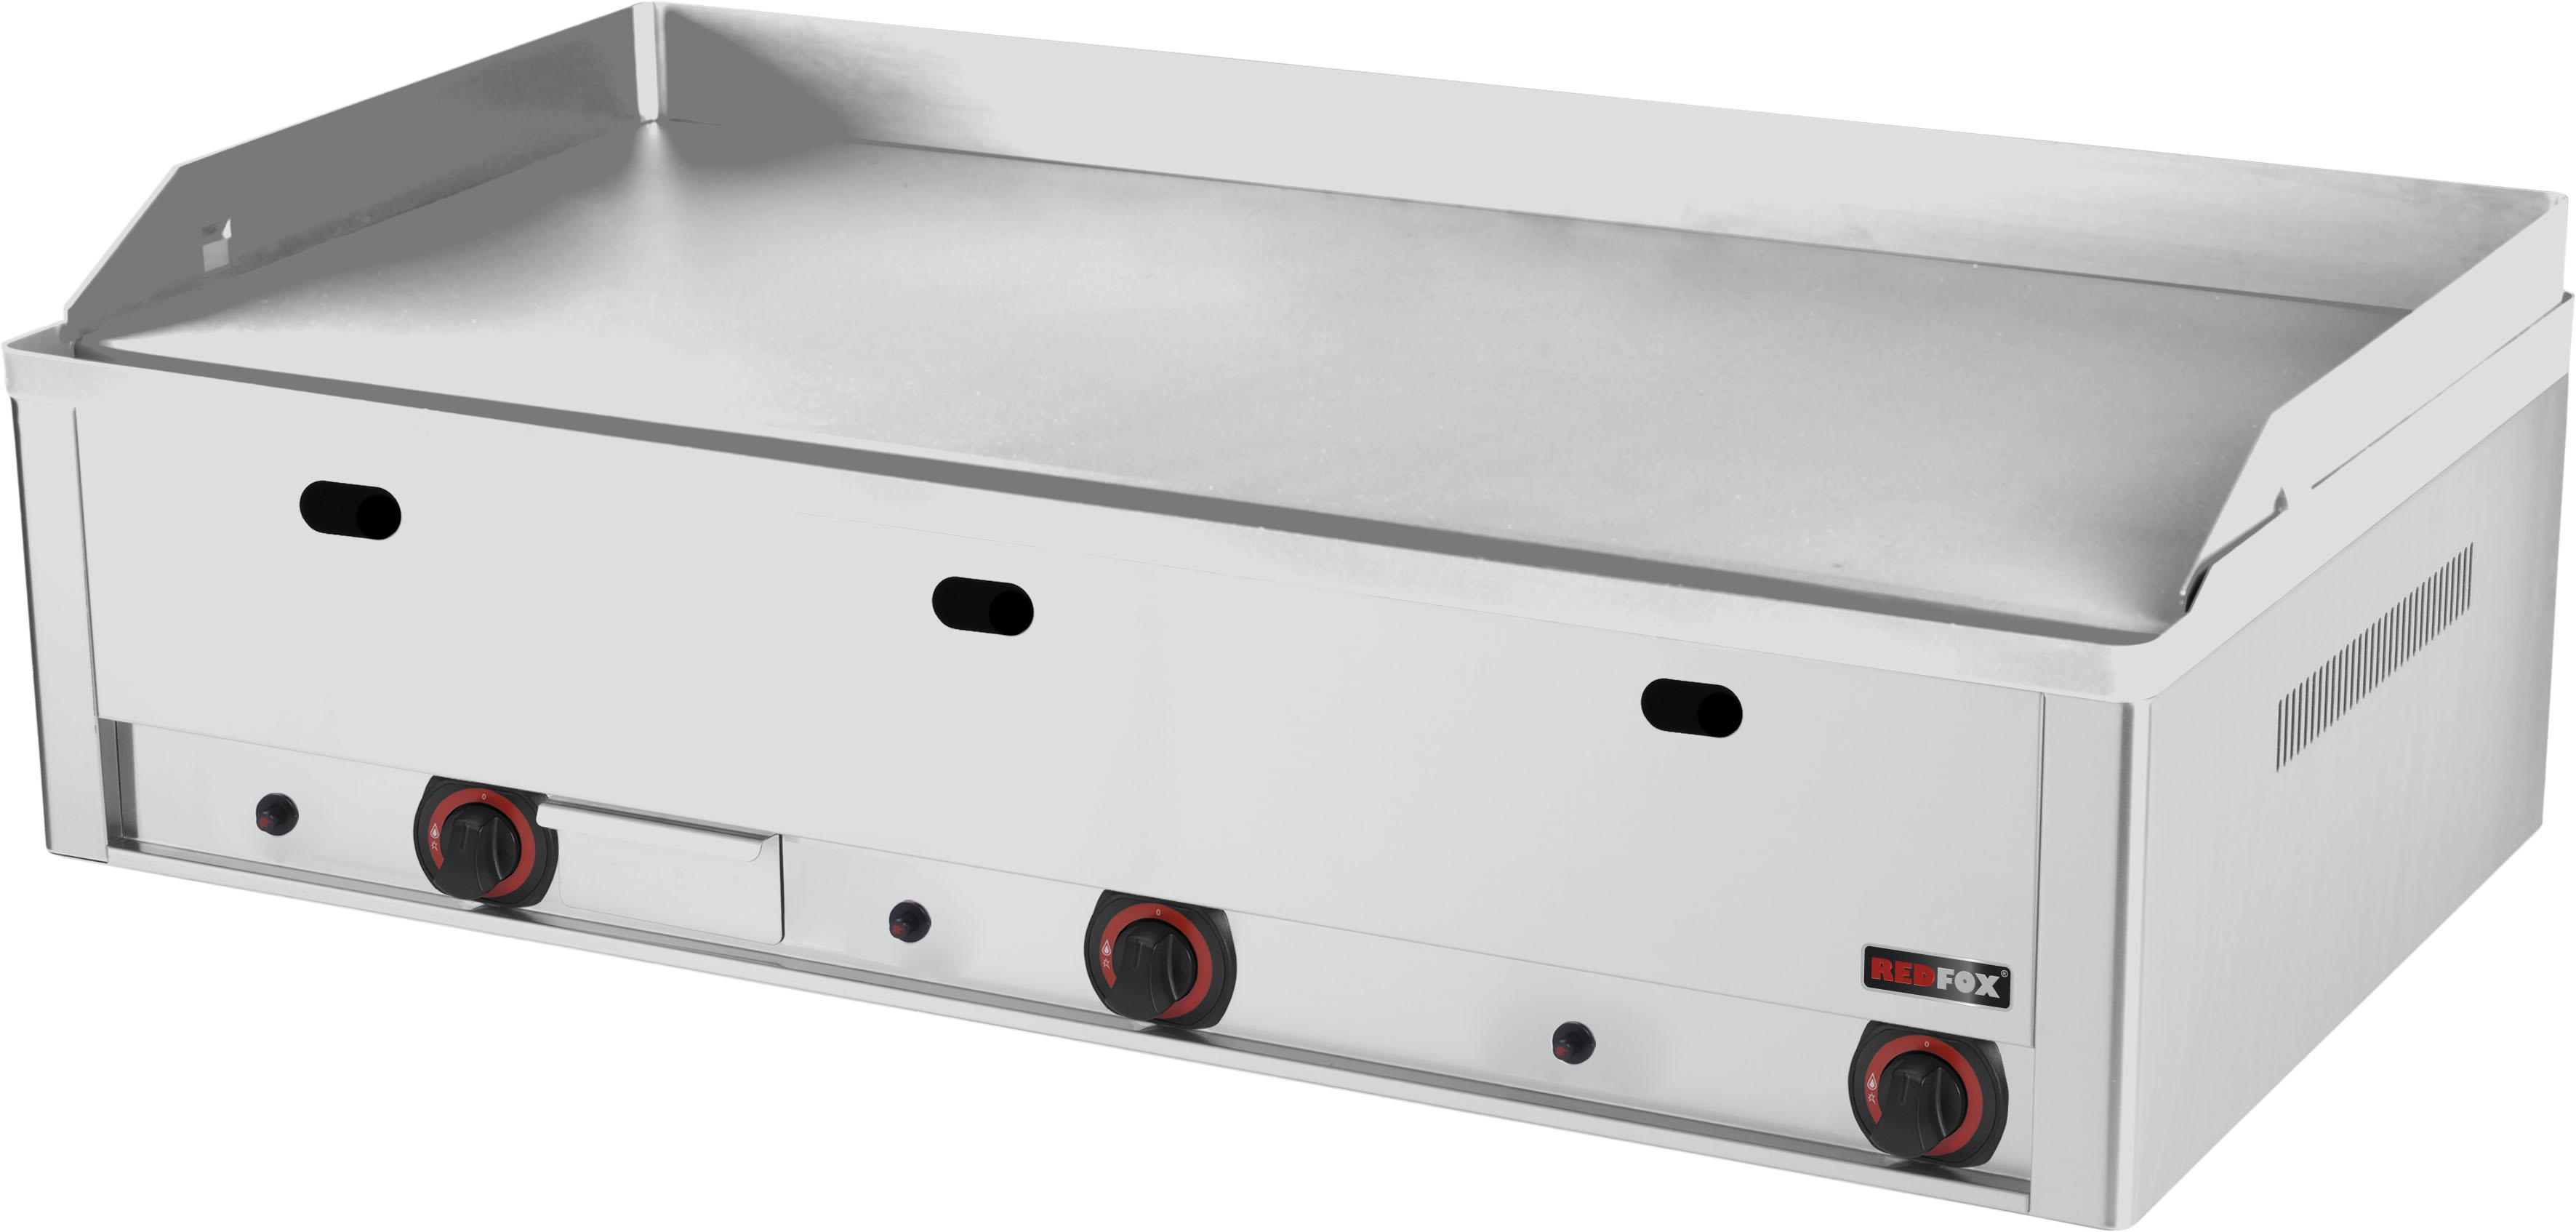 Deska grilovací plynová FTHC 90 G hladká chrom RedFox